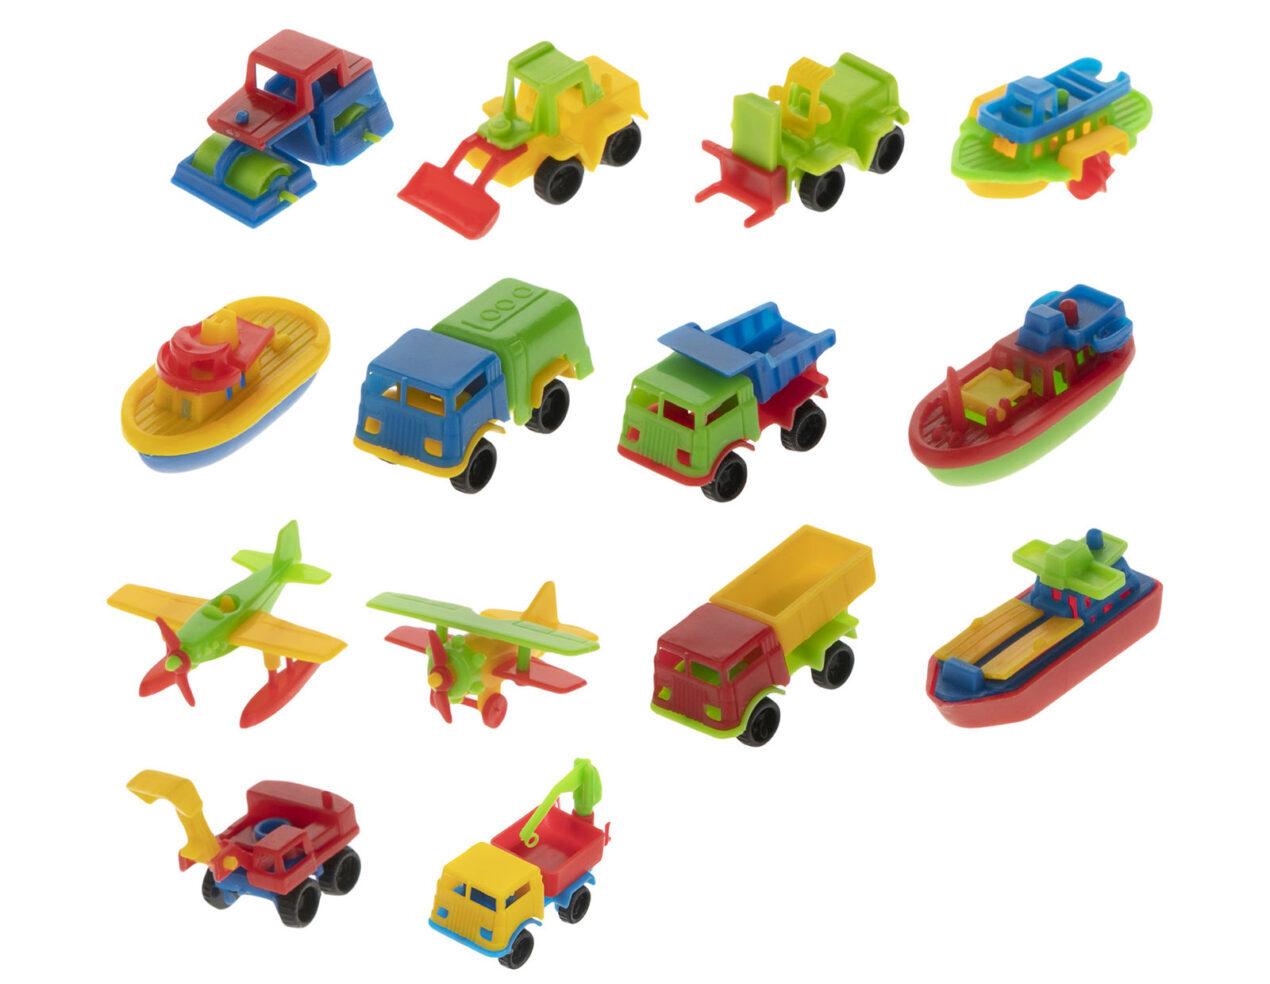 خرید کادو برای پسران ماشین بازی بیلی قهرمان کد 07 مجموعه 14 عددی